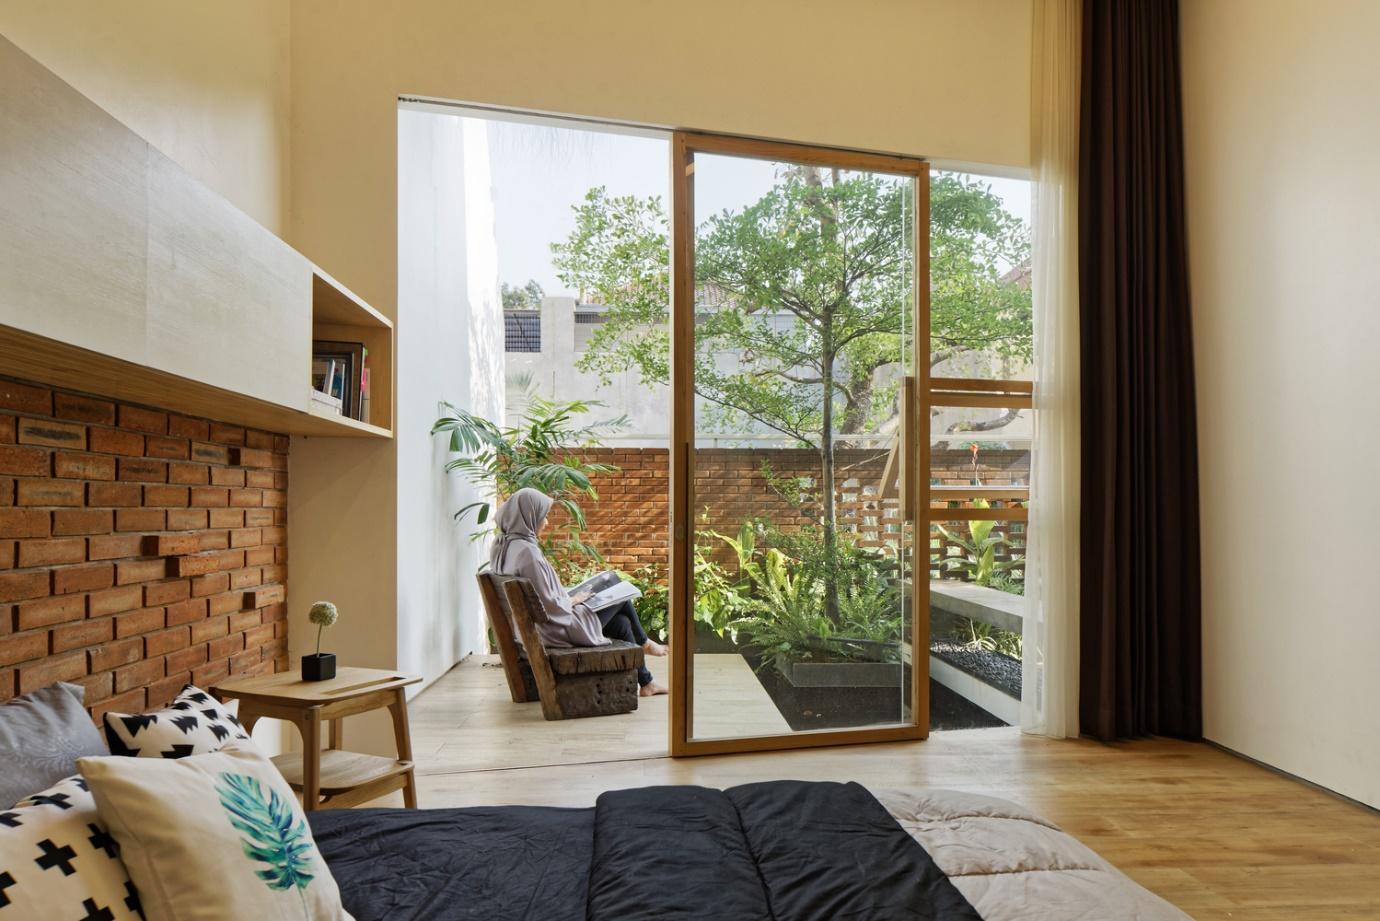 Không gian xanh nhìn từ phòng ngủ ở tầng 1 của ngôi nhà.